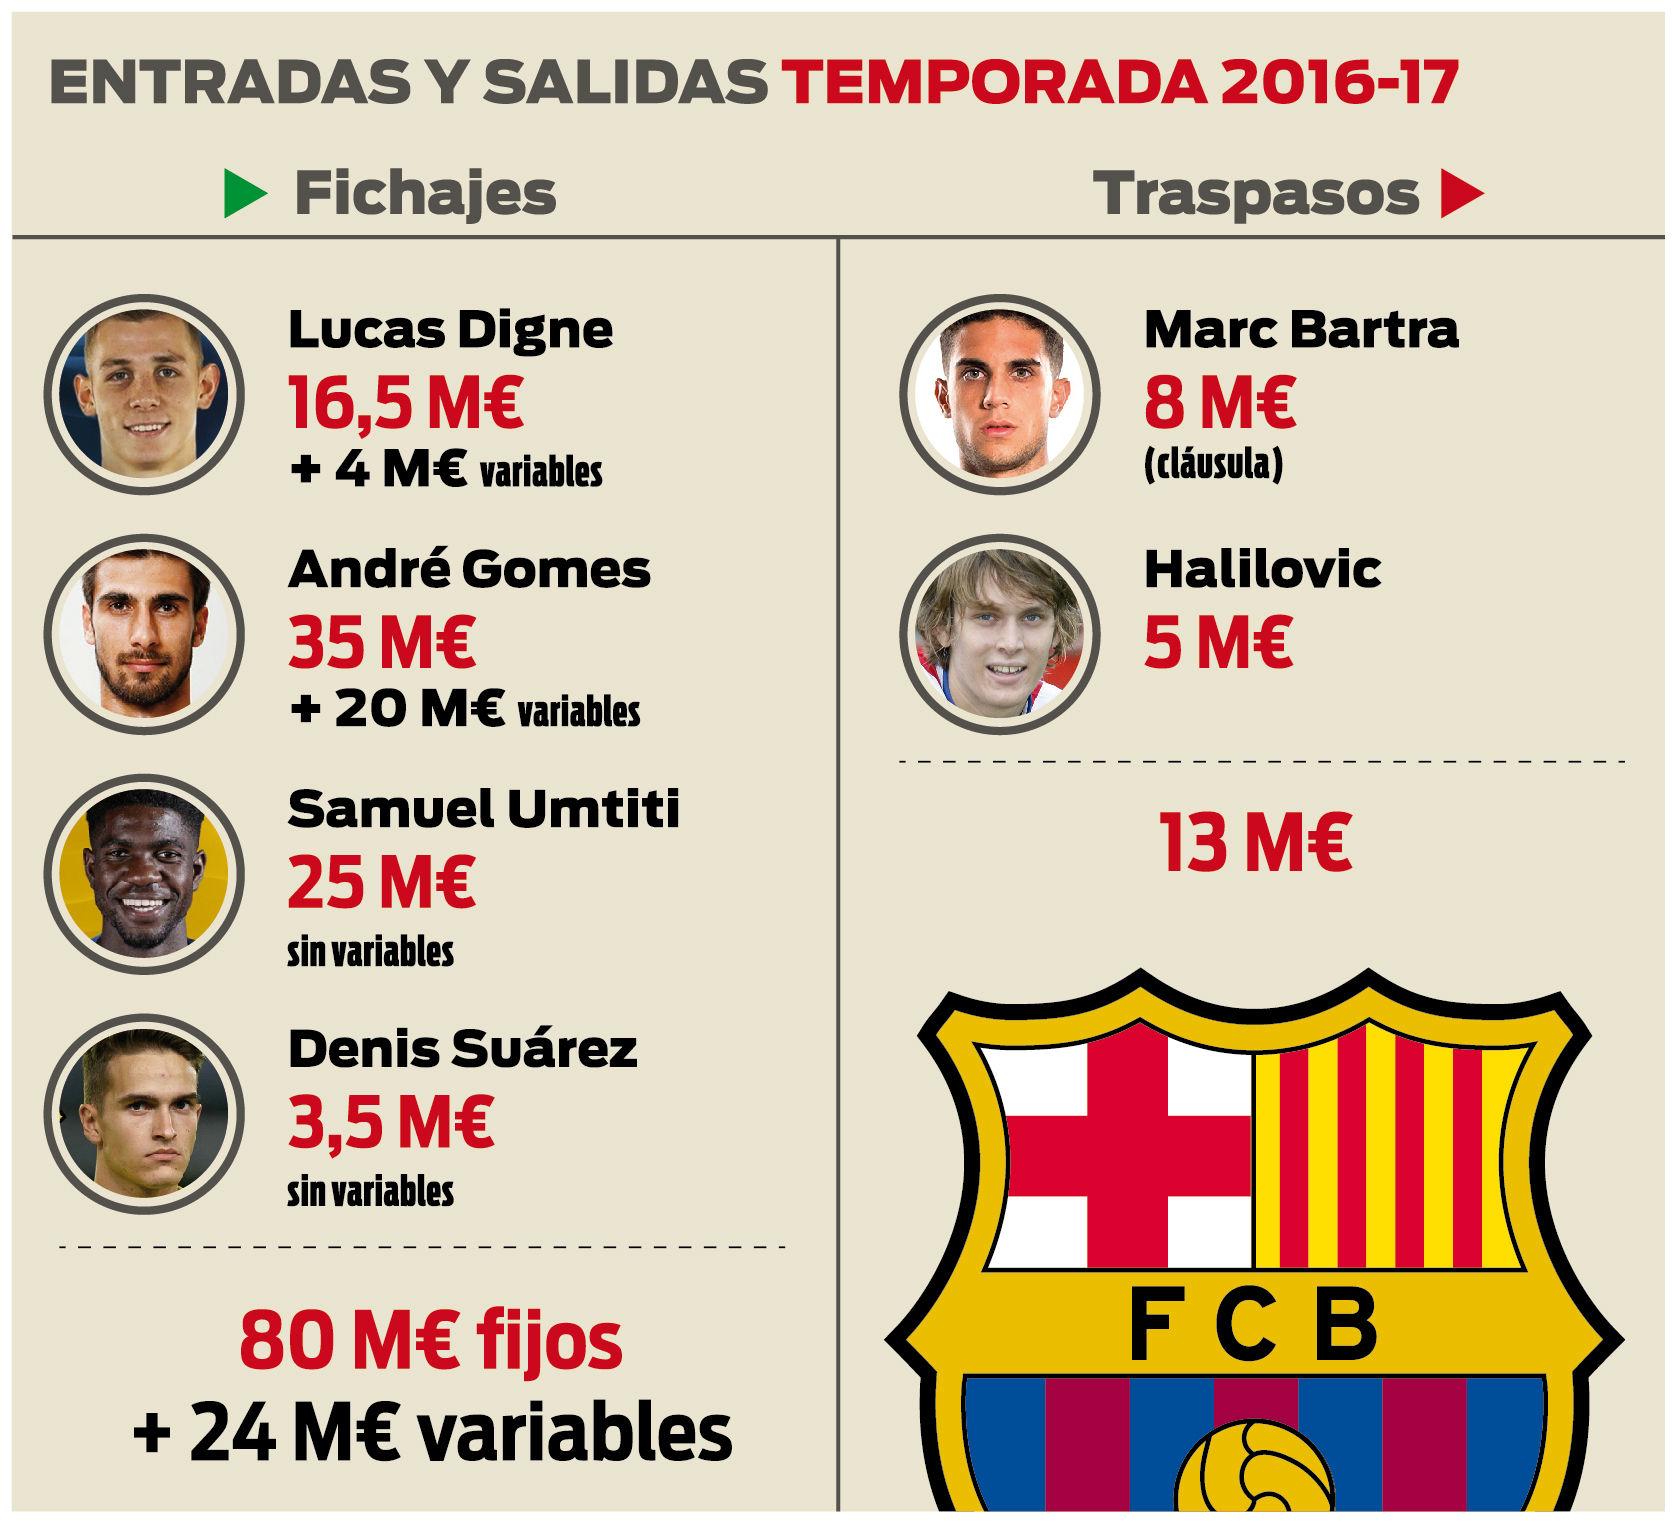 FC Barcelona wydała już na transfery 80 milionów euro